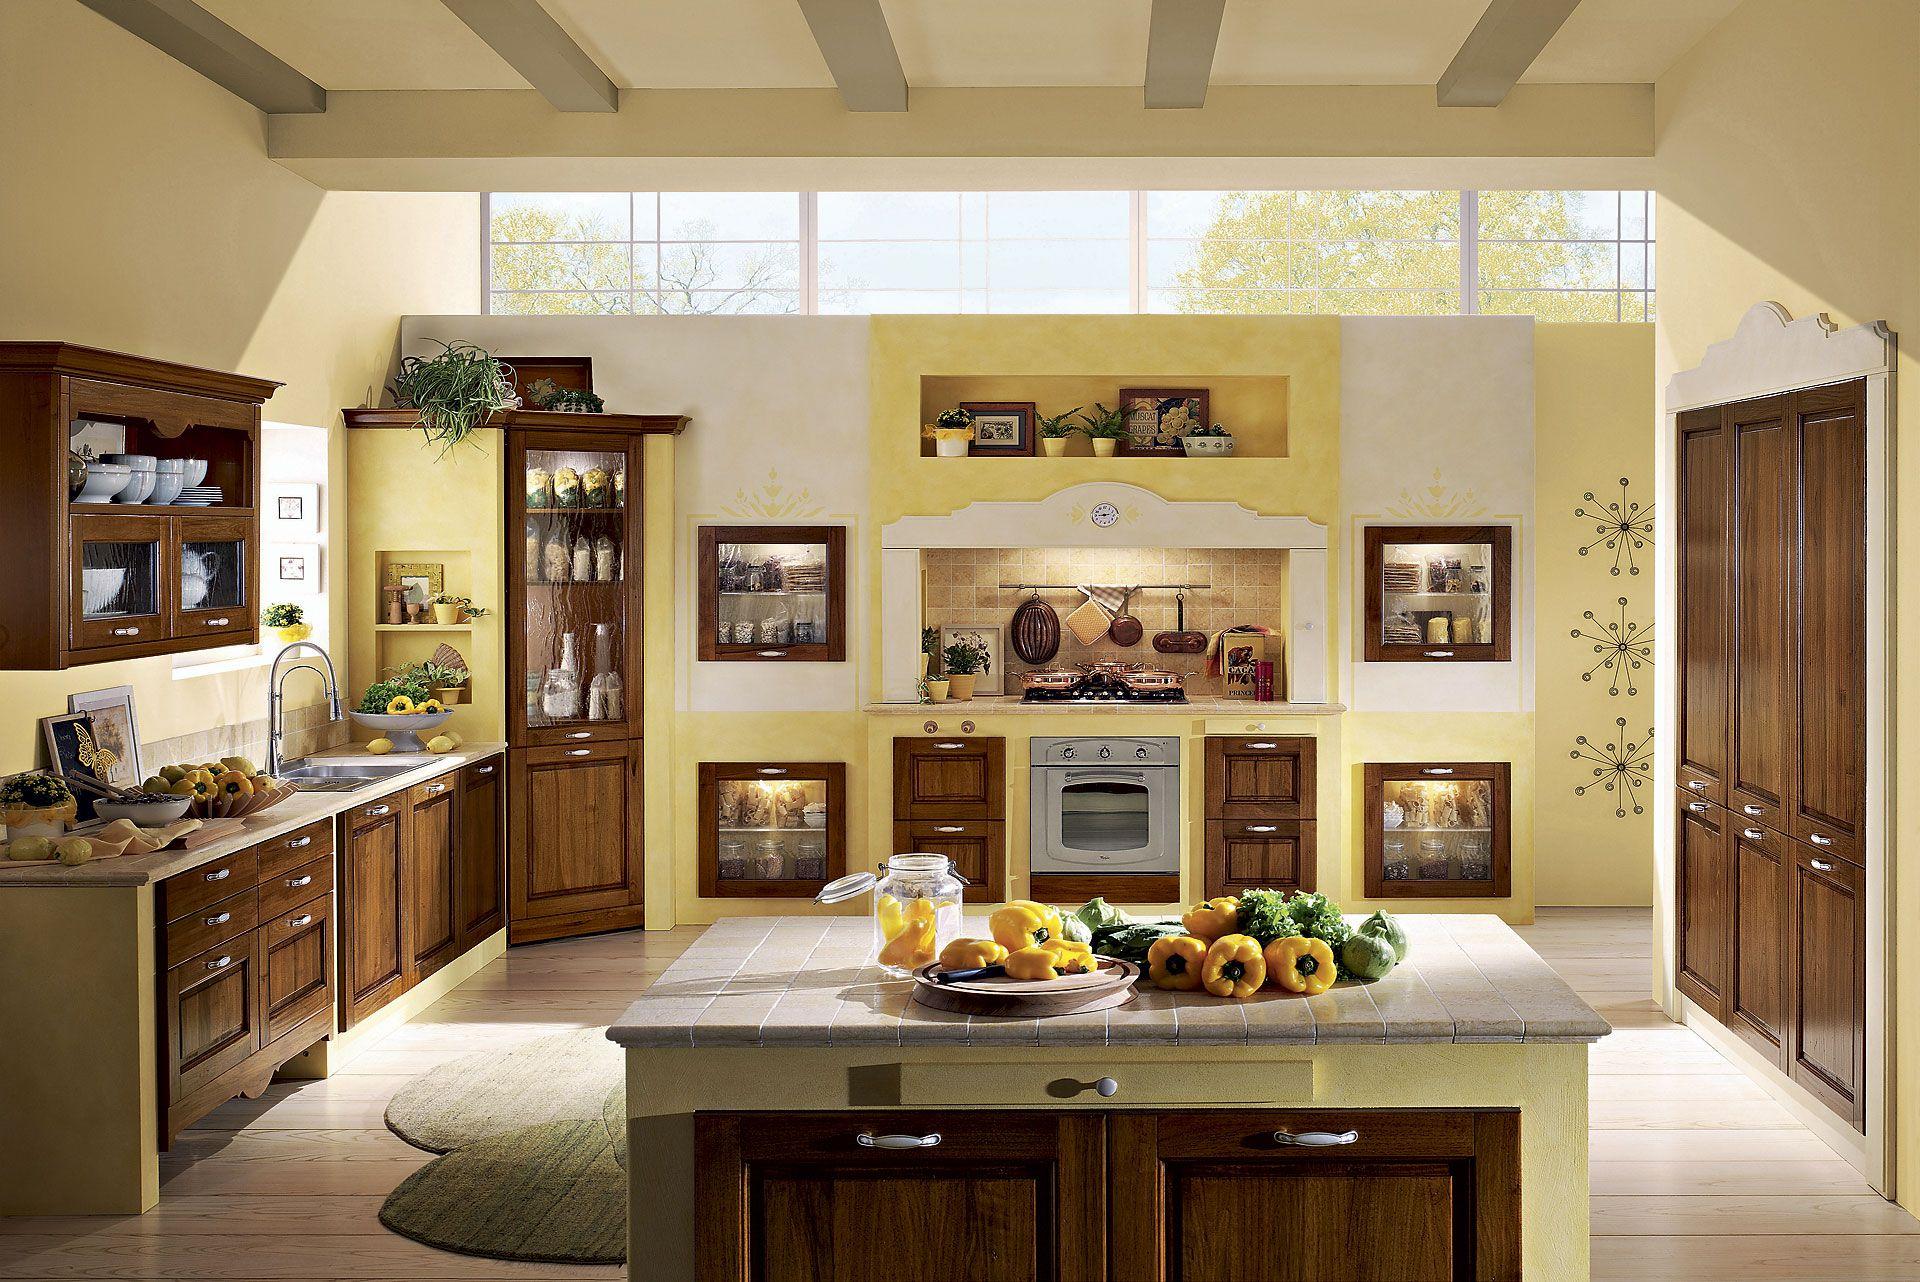 Arredamento cucine in muratura, cucine moderne, cucine ...